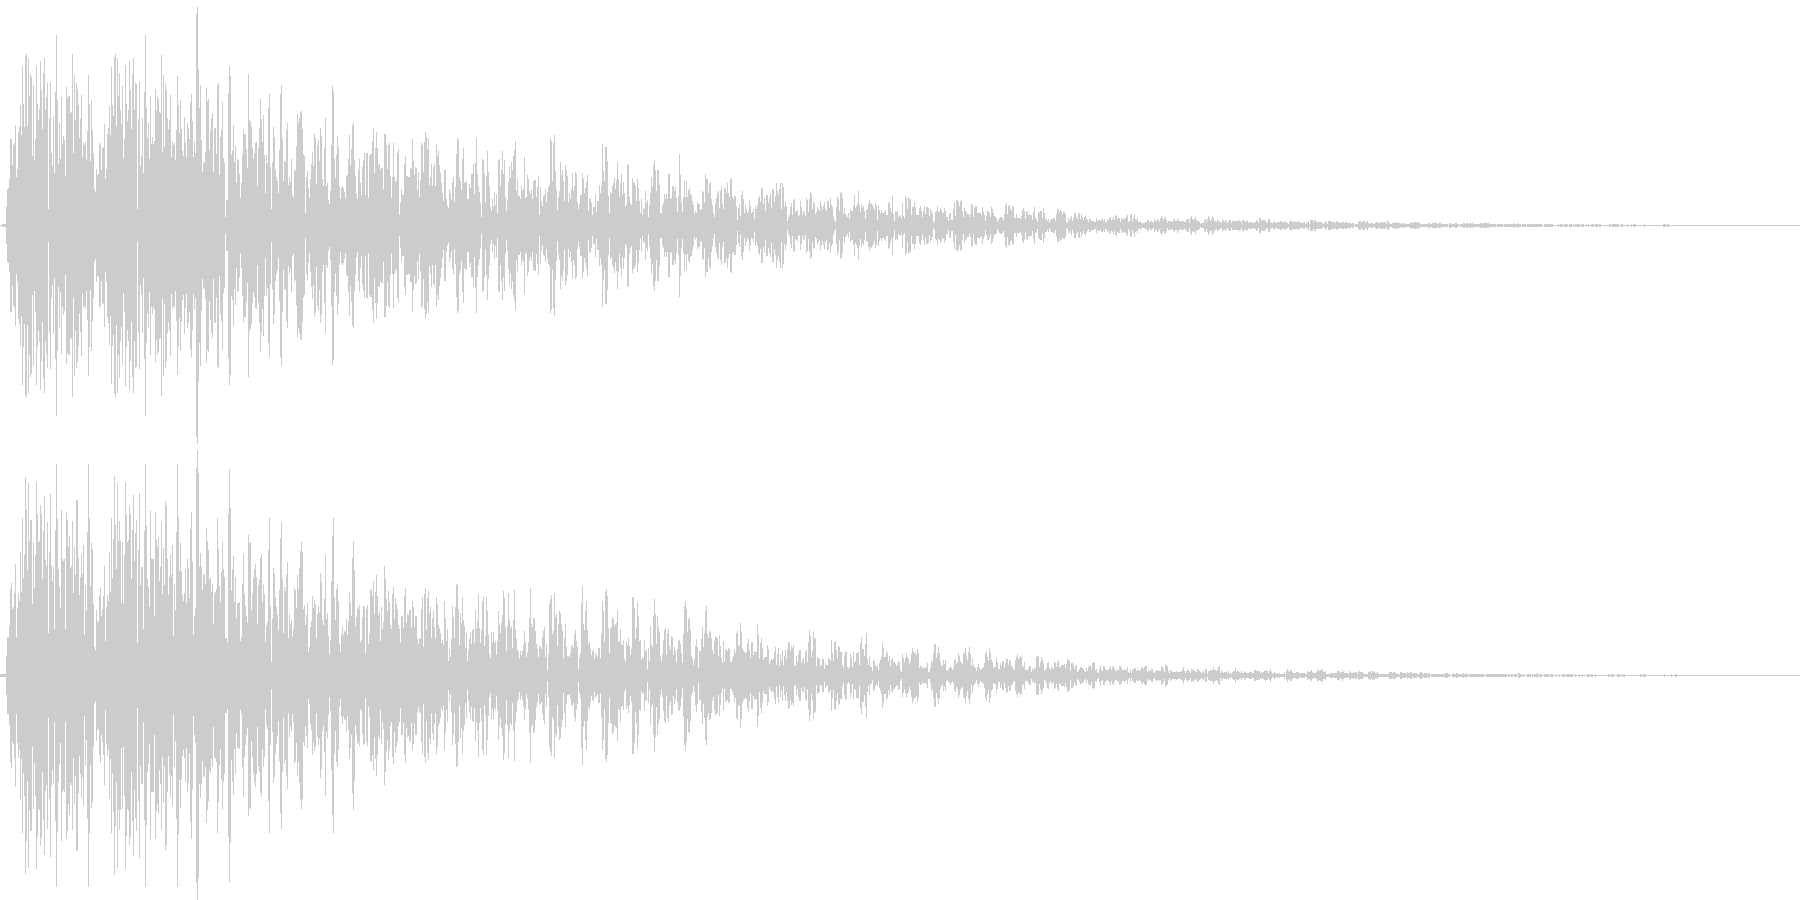 デデーン(強い絶望、レベルダウン、ミス)の未再生の波形